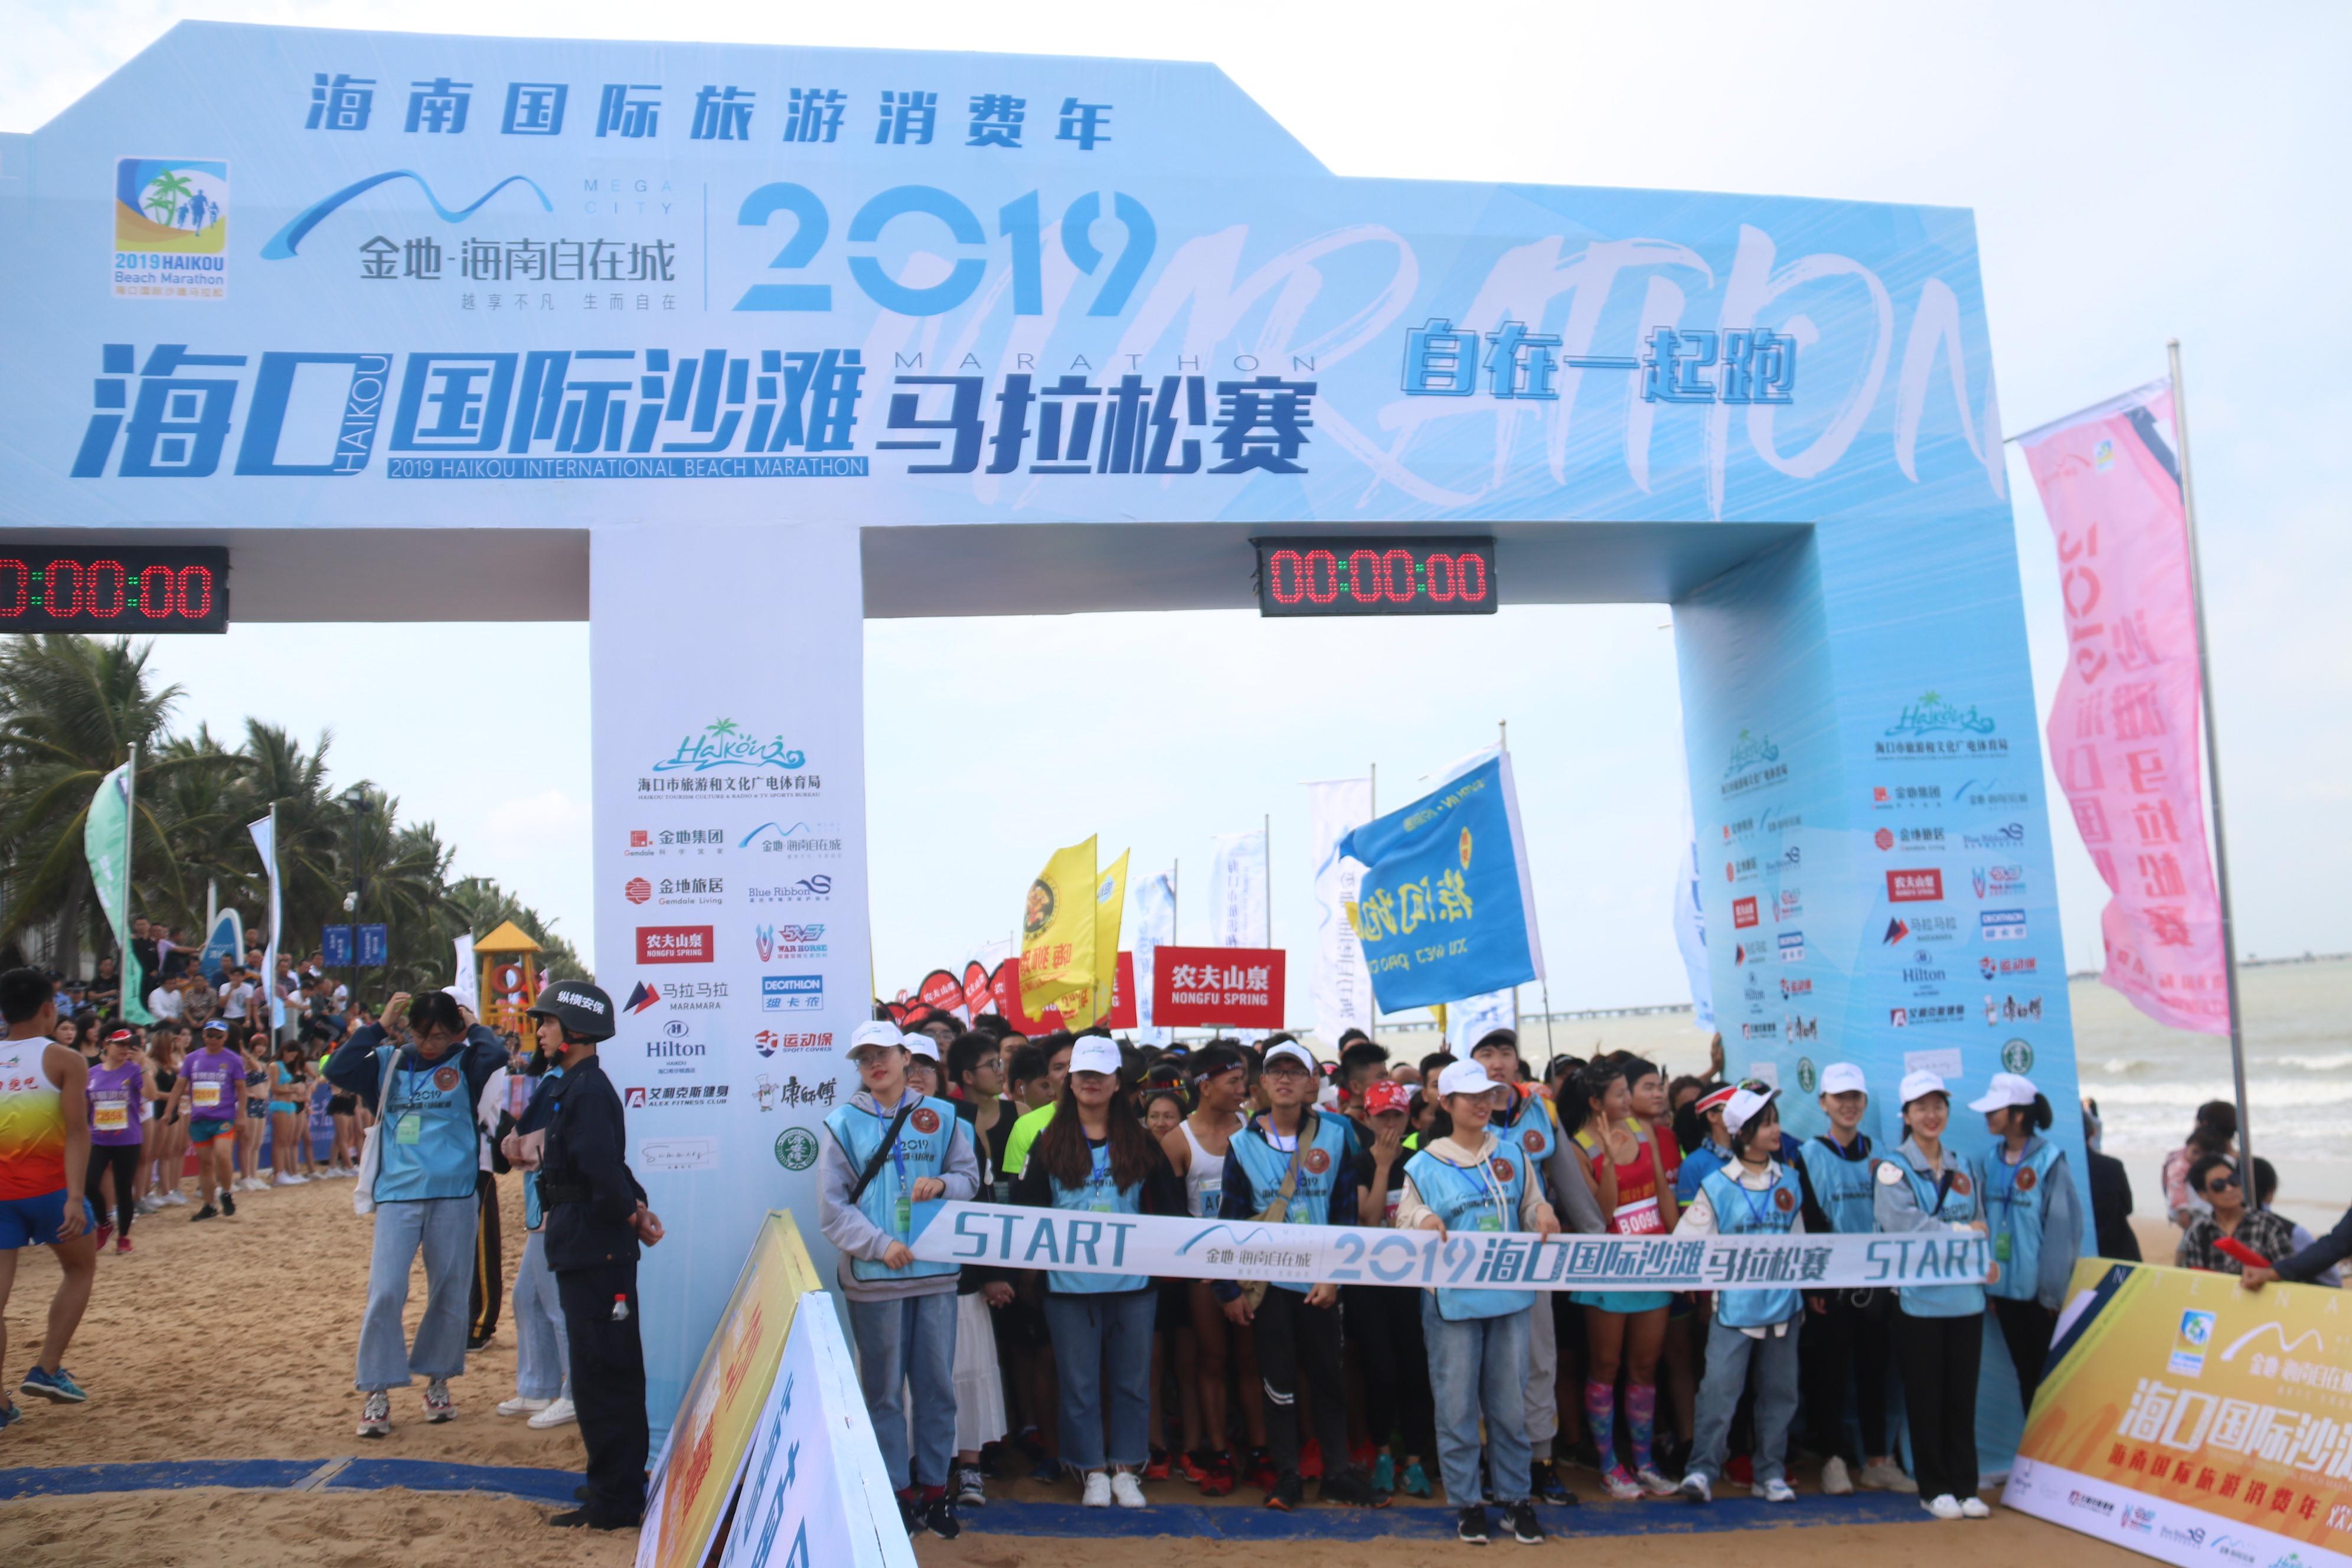 5000多名选手假日海滩奔跑!第七届海口国际沙滩马拉松激情开跑